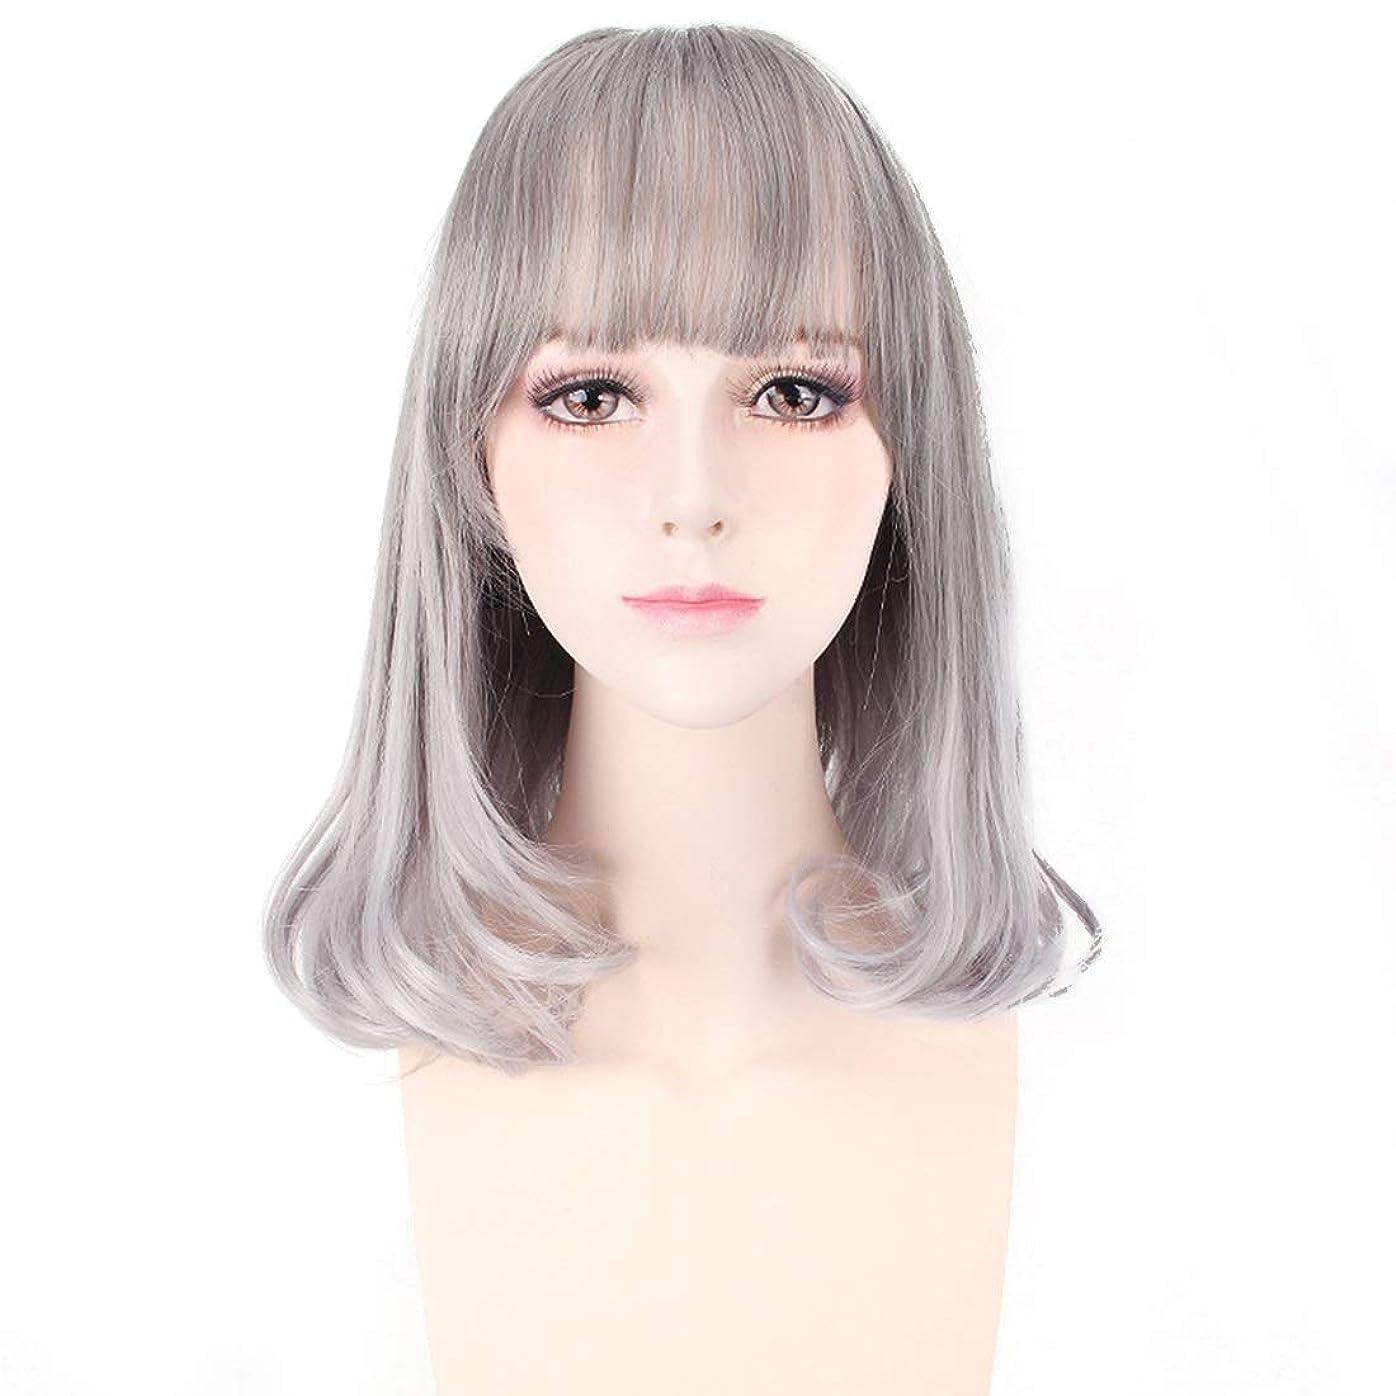 ずらすスリップシューズおんどりKoloeplf チーバンズショートヘアウェーブヘッドふわふわリアルガールウィッグ (Color : Silver gray)